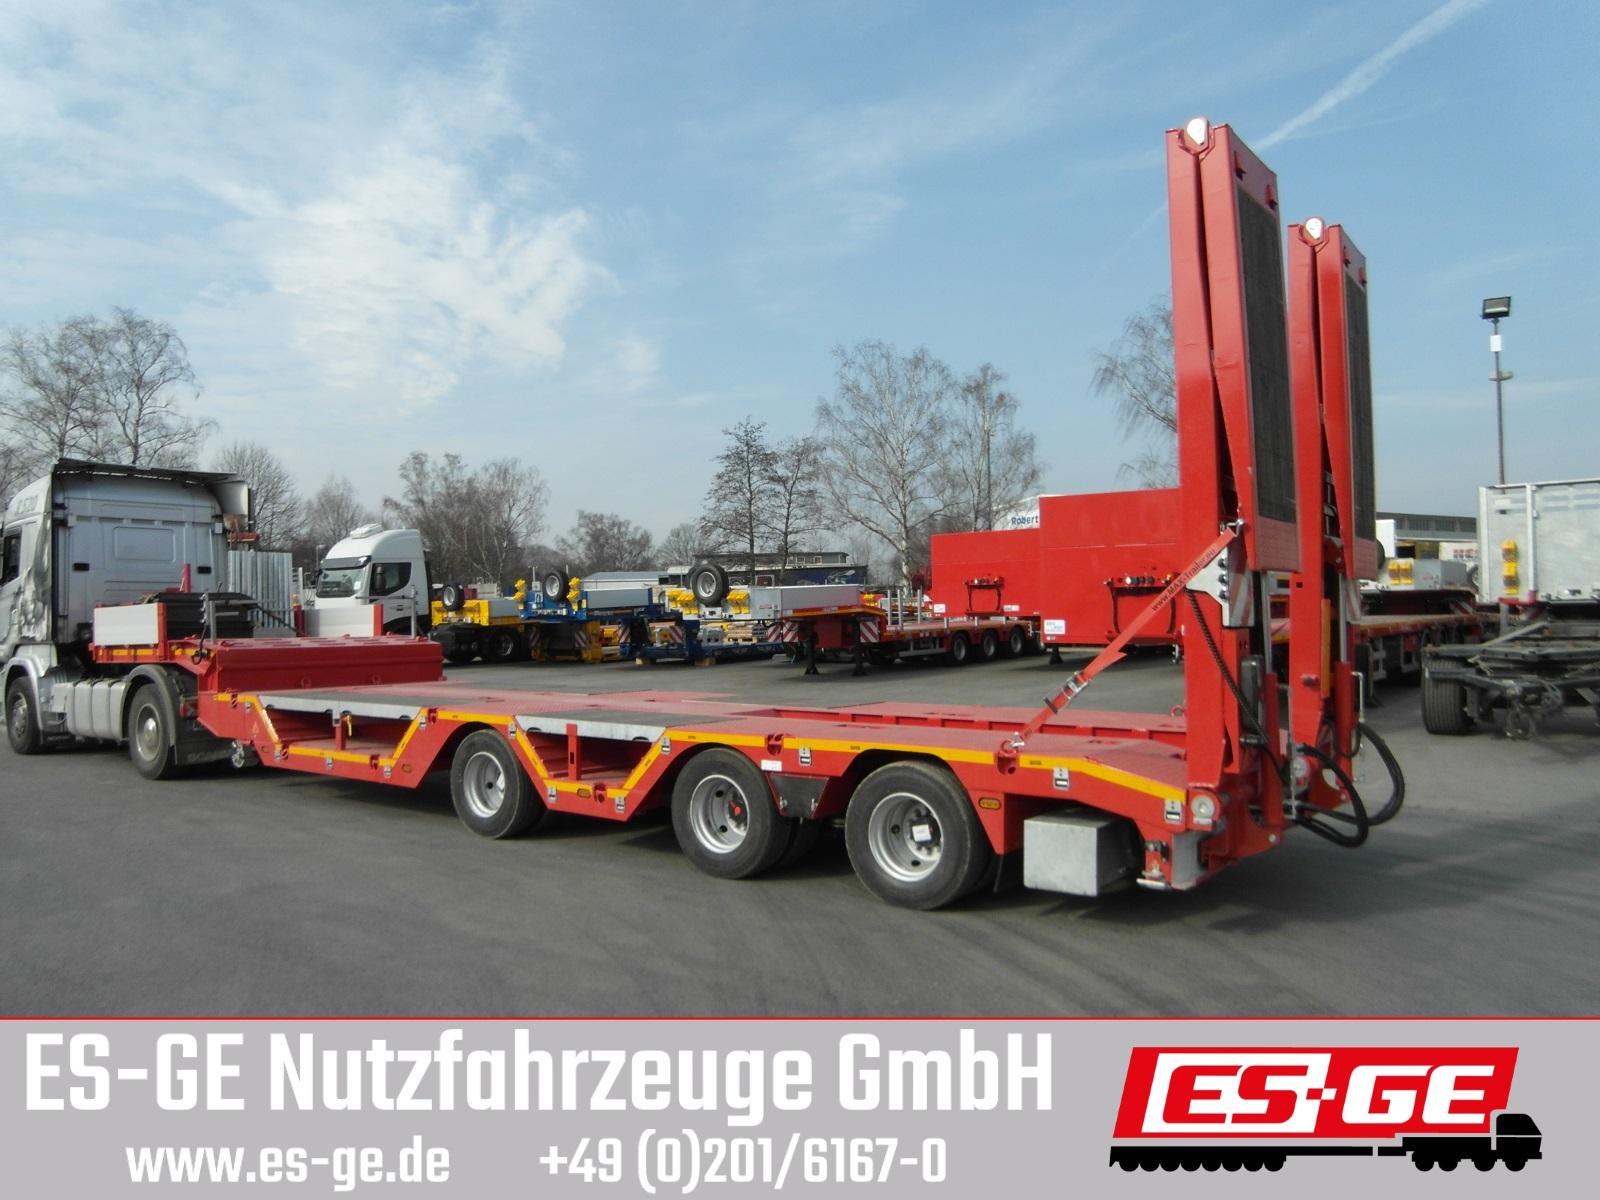 ES-GE 3-Achs-Satteltieflader - Radmulden - tele